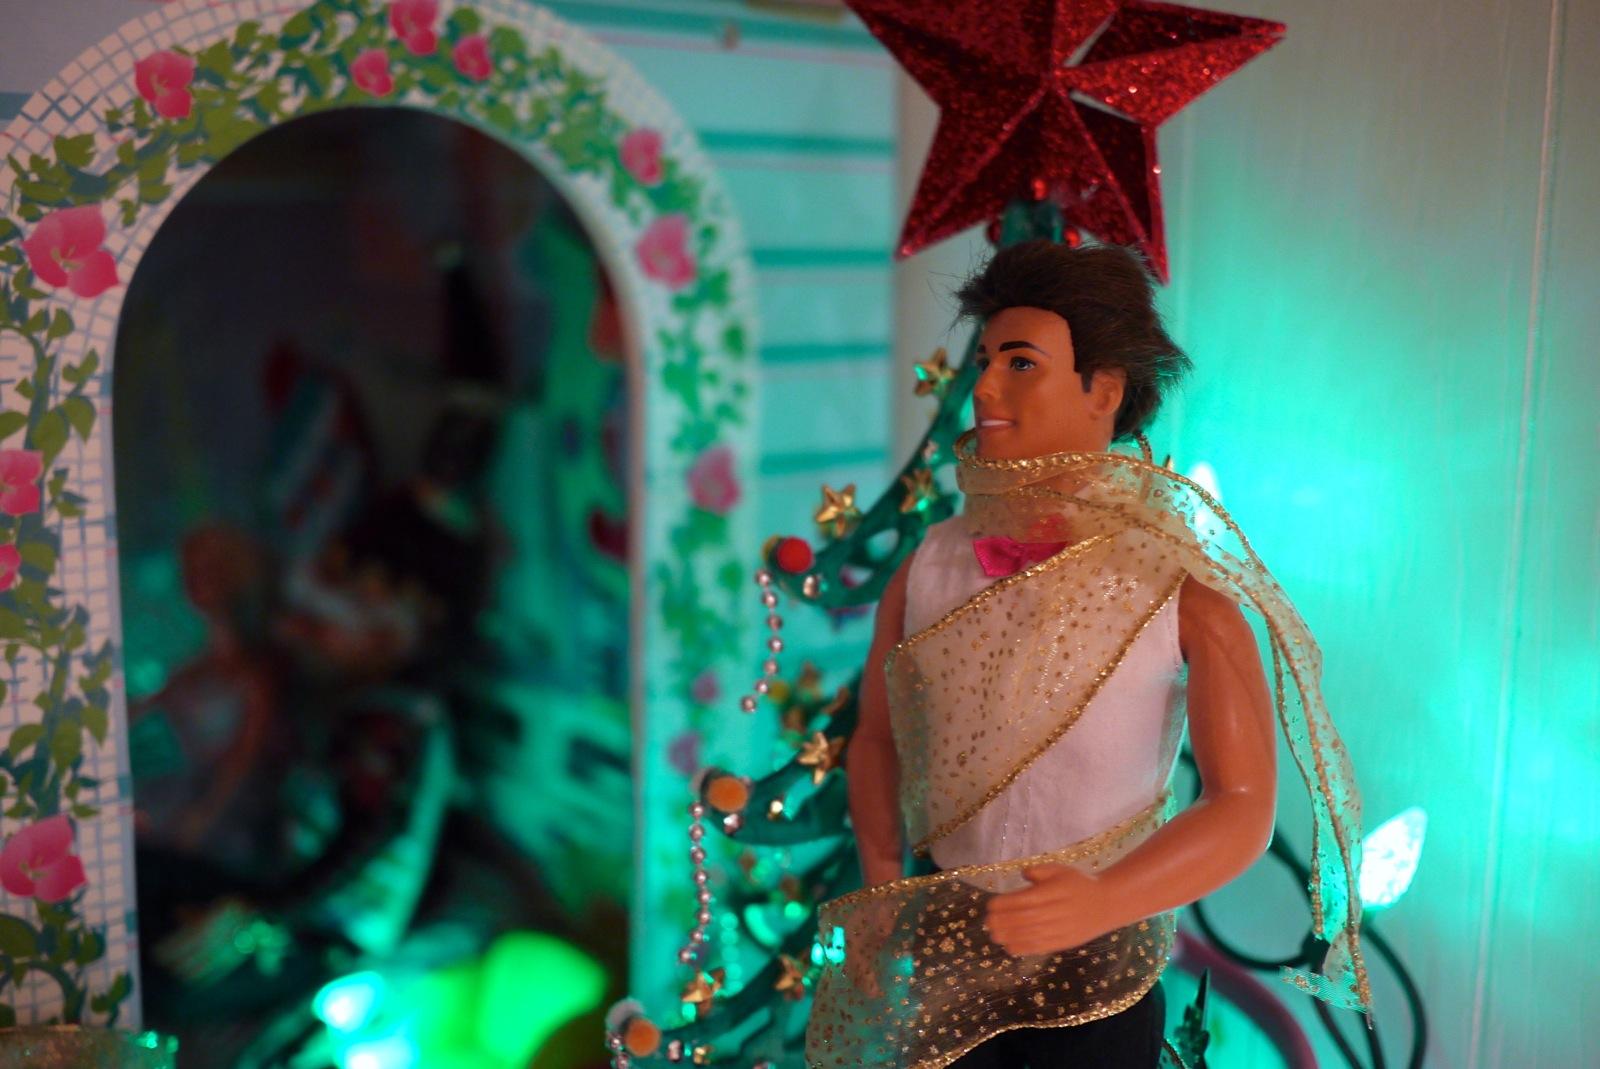 Ken décoré par les lutins